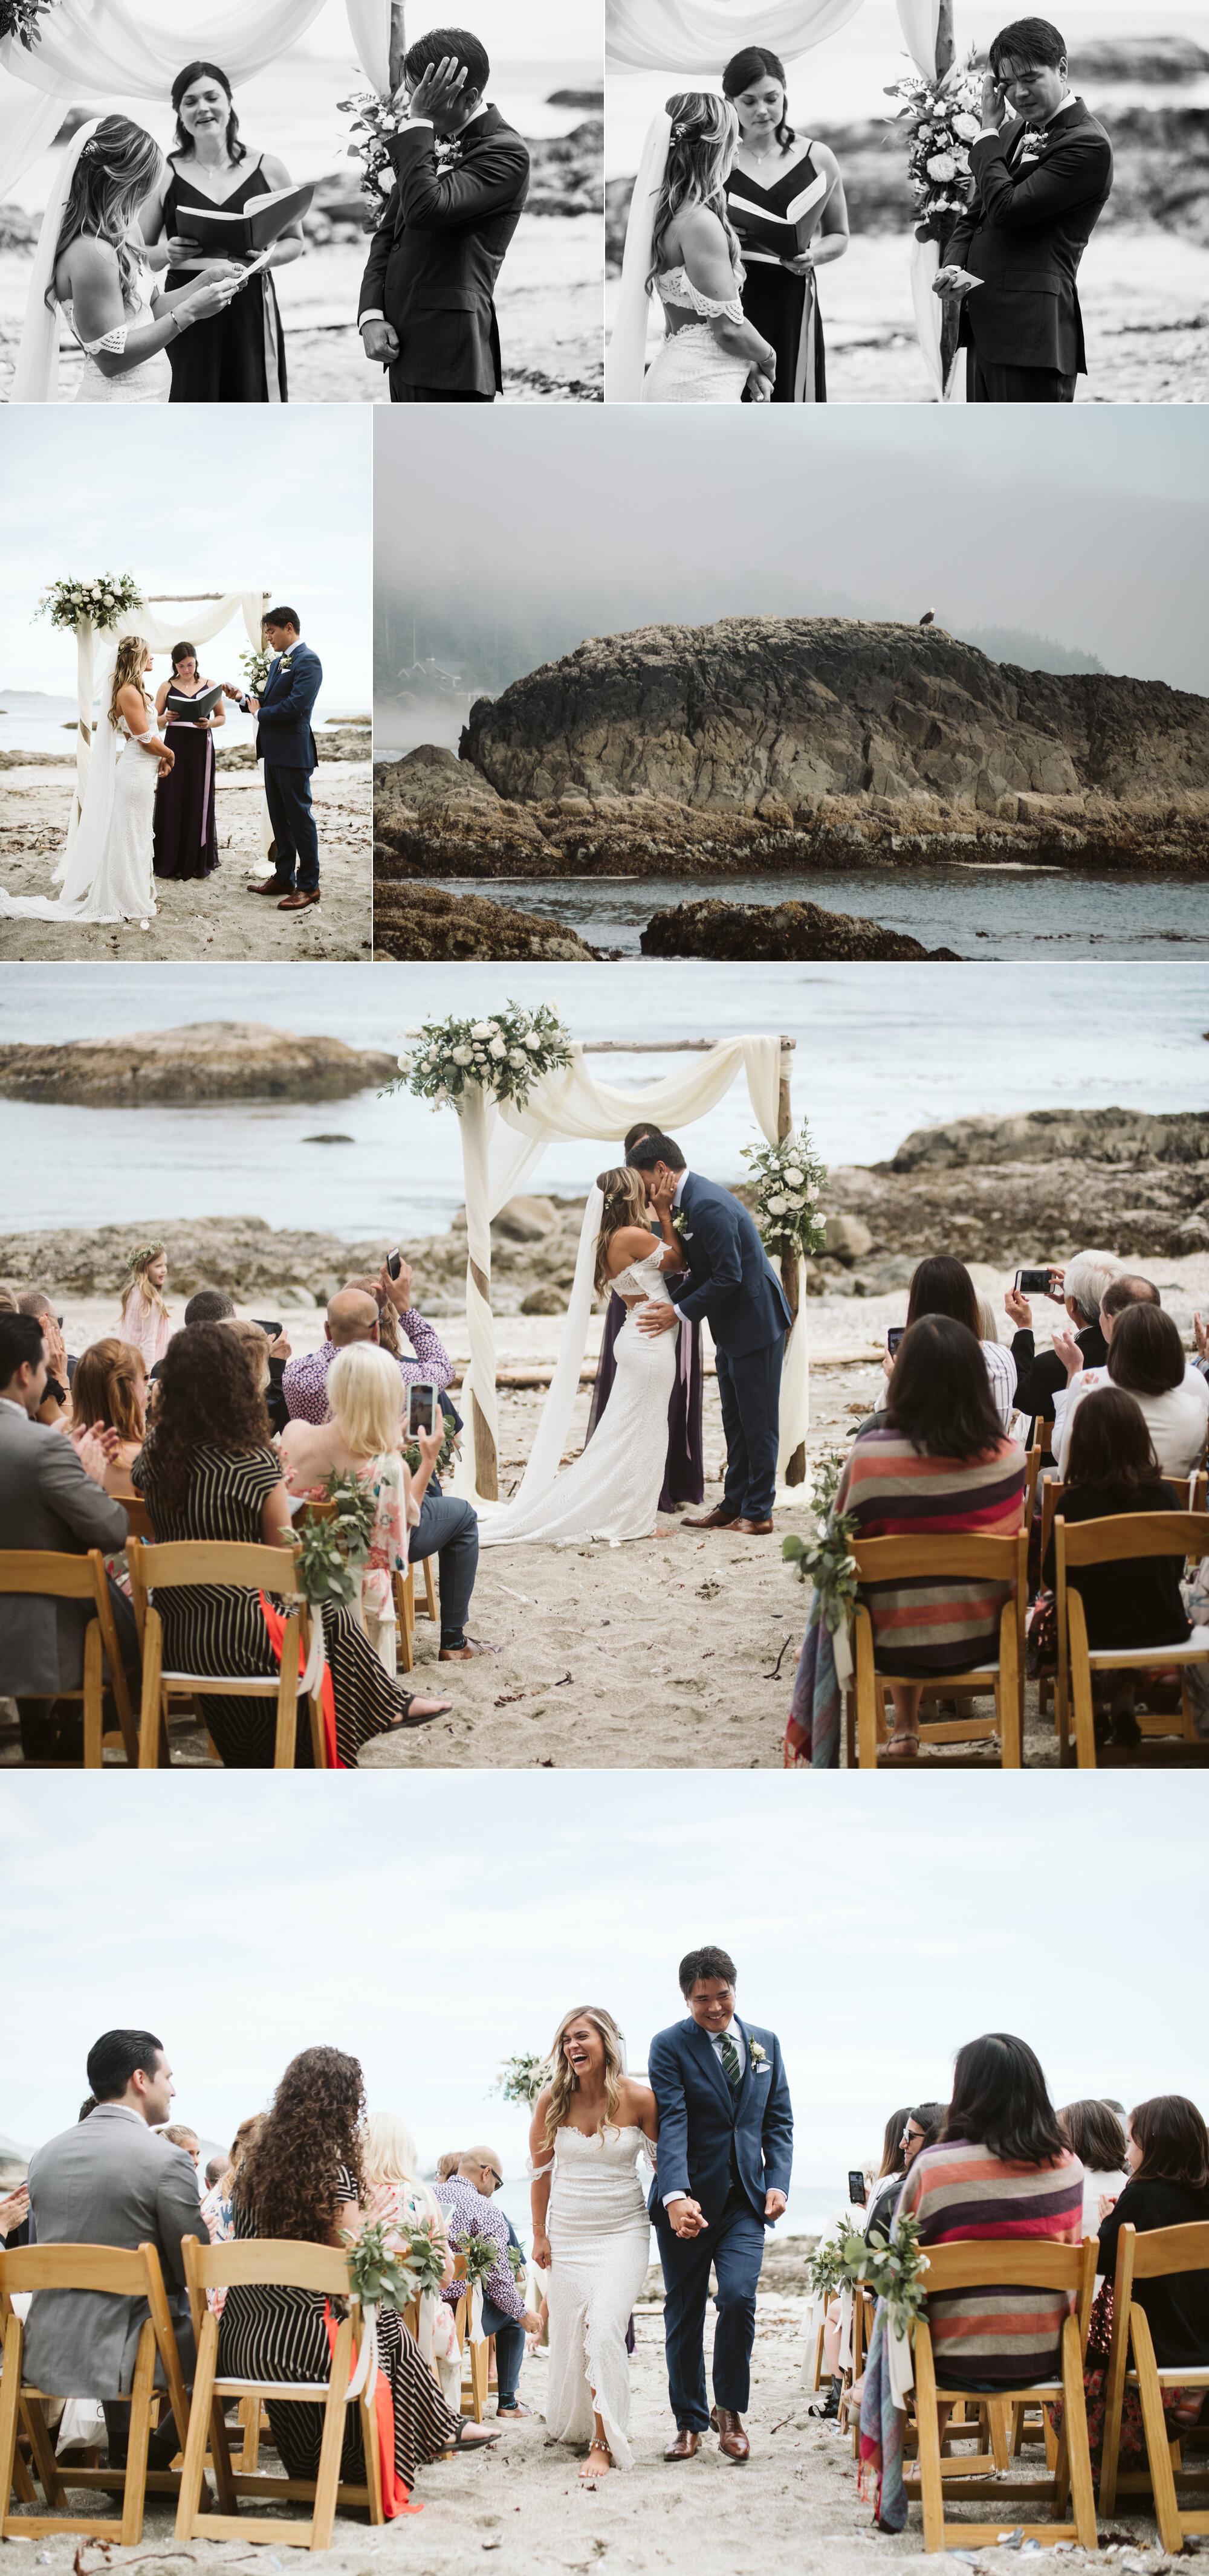 188金宝博线上平台圣诞仪式的婚礼